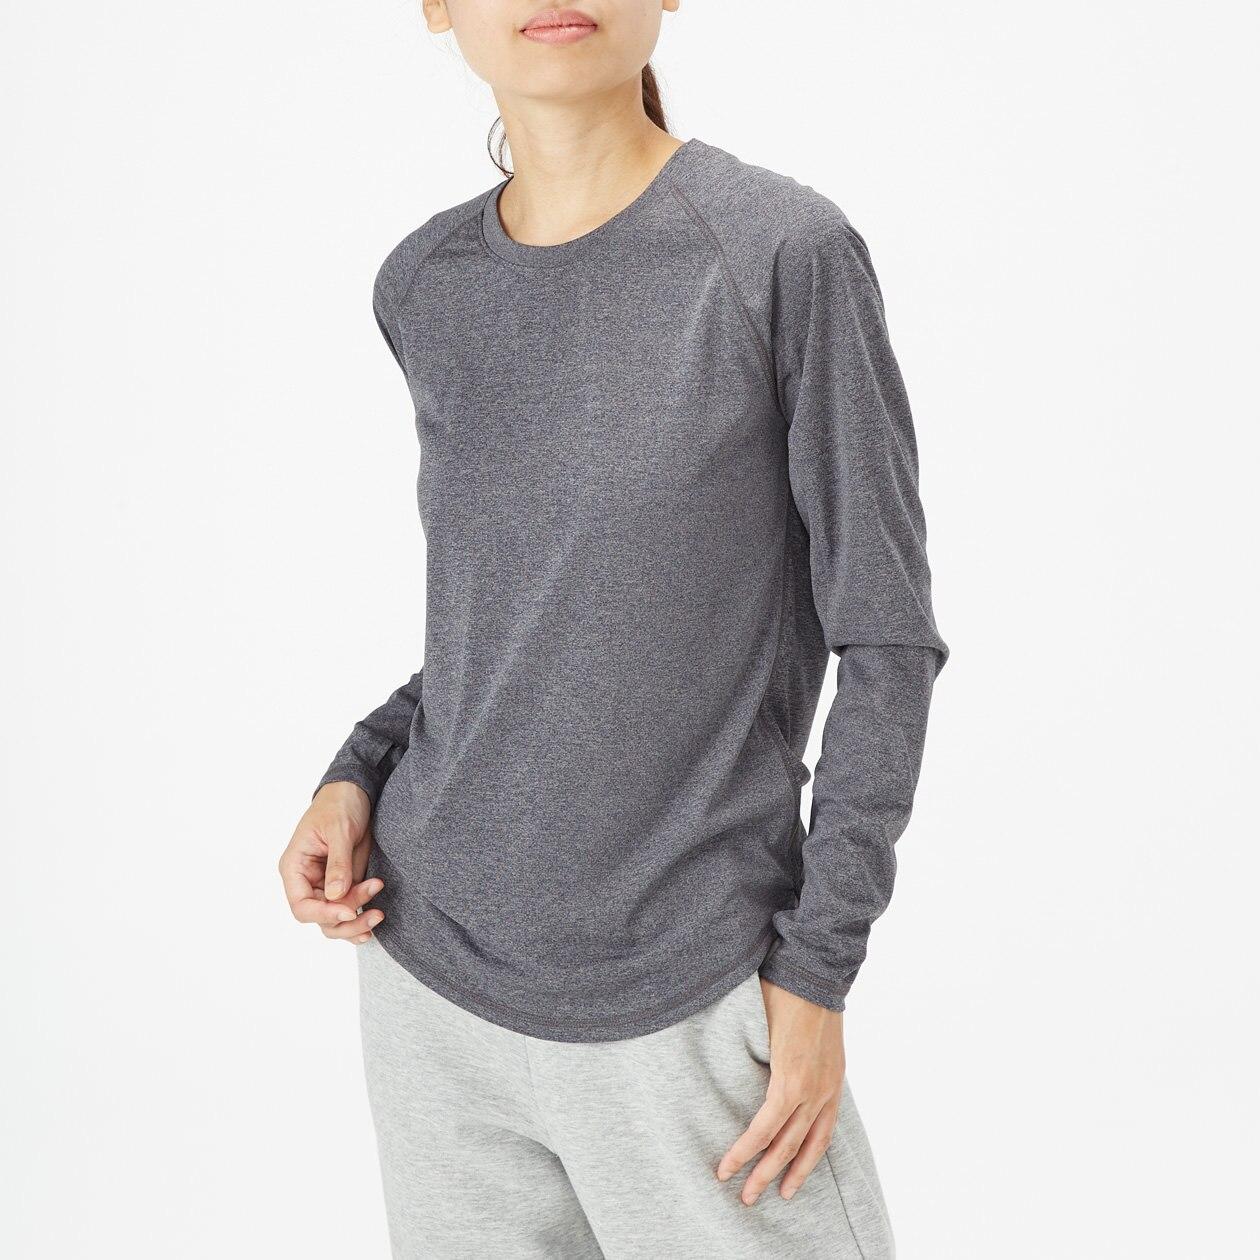 吸汗速乾UVカットクルーネック長袖Tシャツ